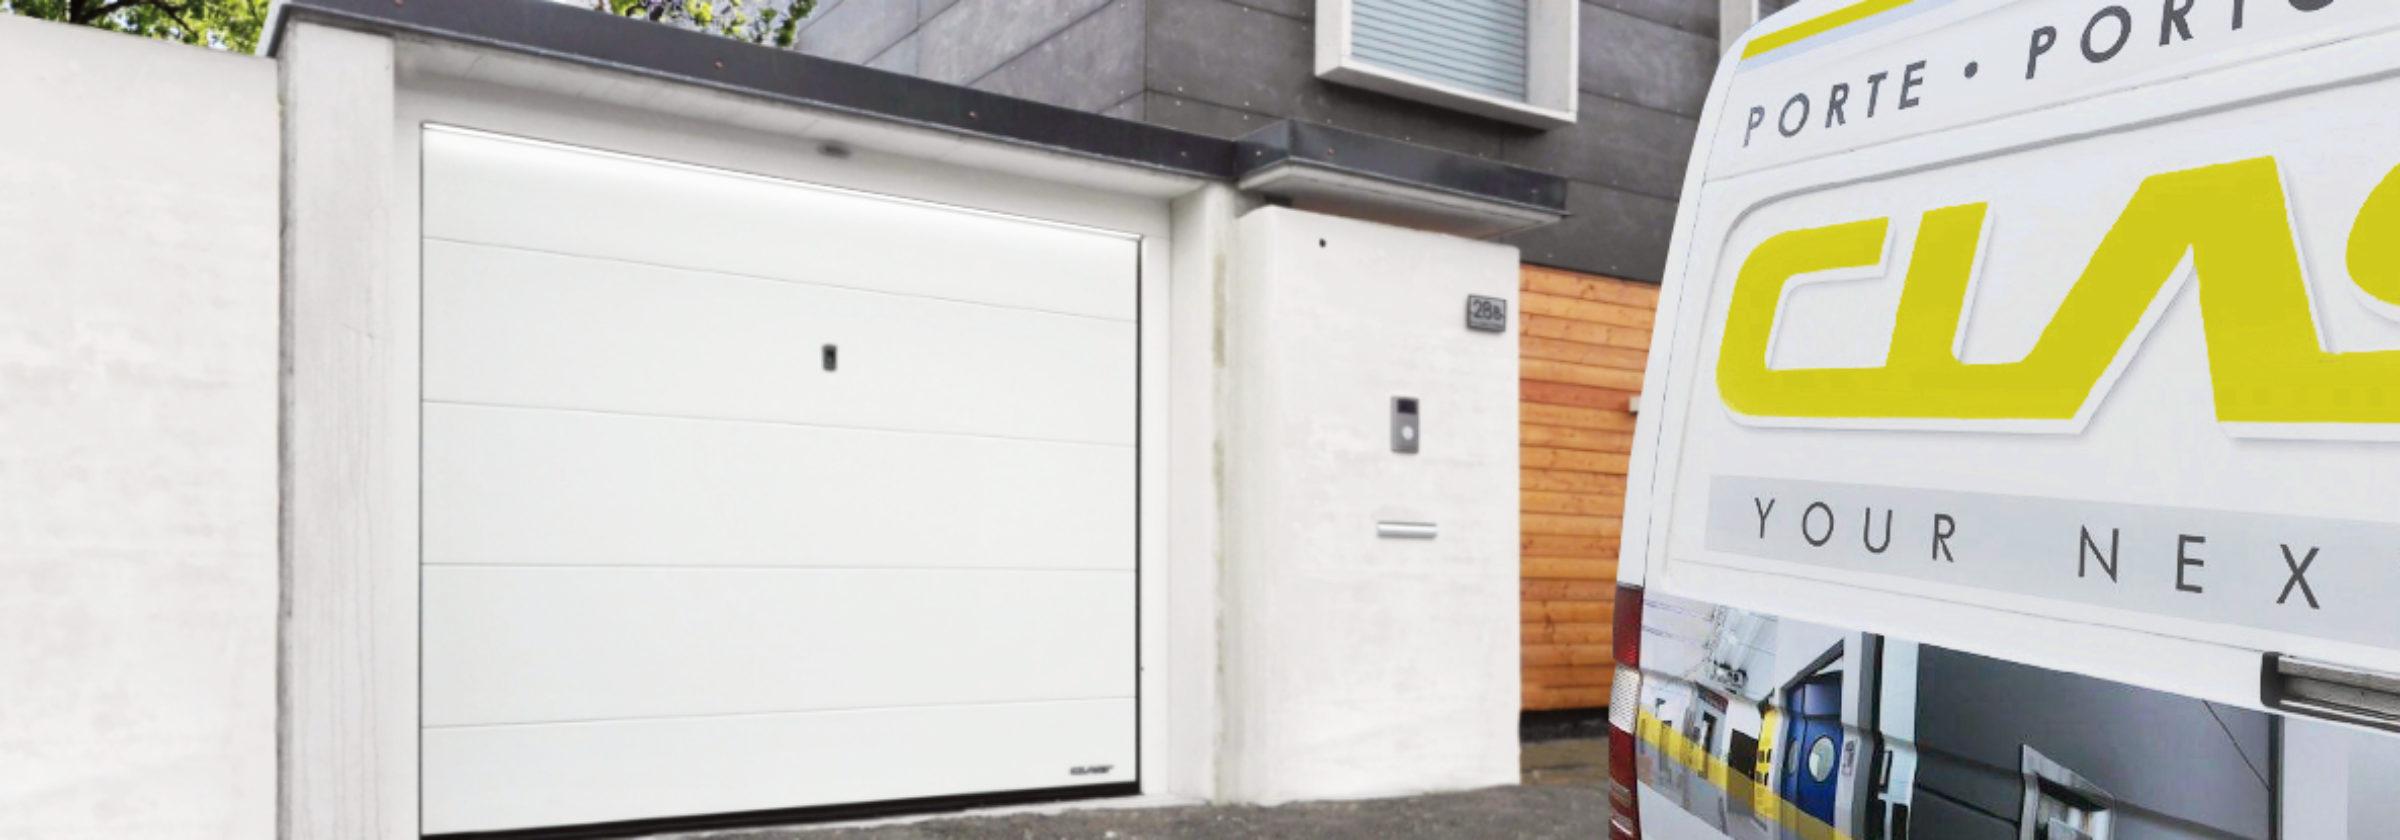 00 2019 2400x840 Clast Srl   Your Next Door | Clast srl: porte, portoni, sicurezza, cancelli, automazioni. Via Soncino 5, Trescore Cremasco